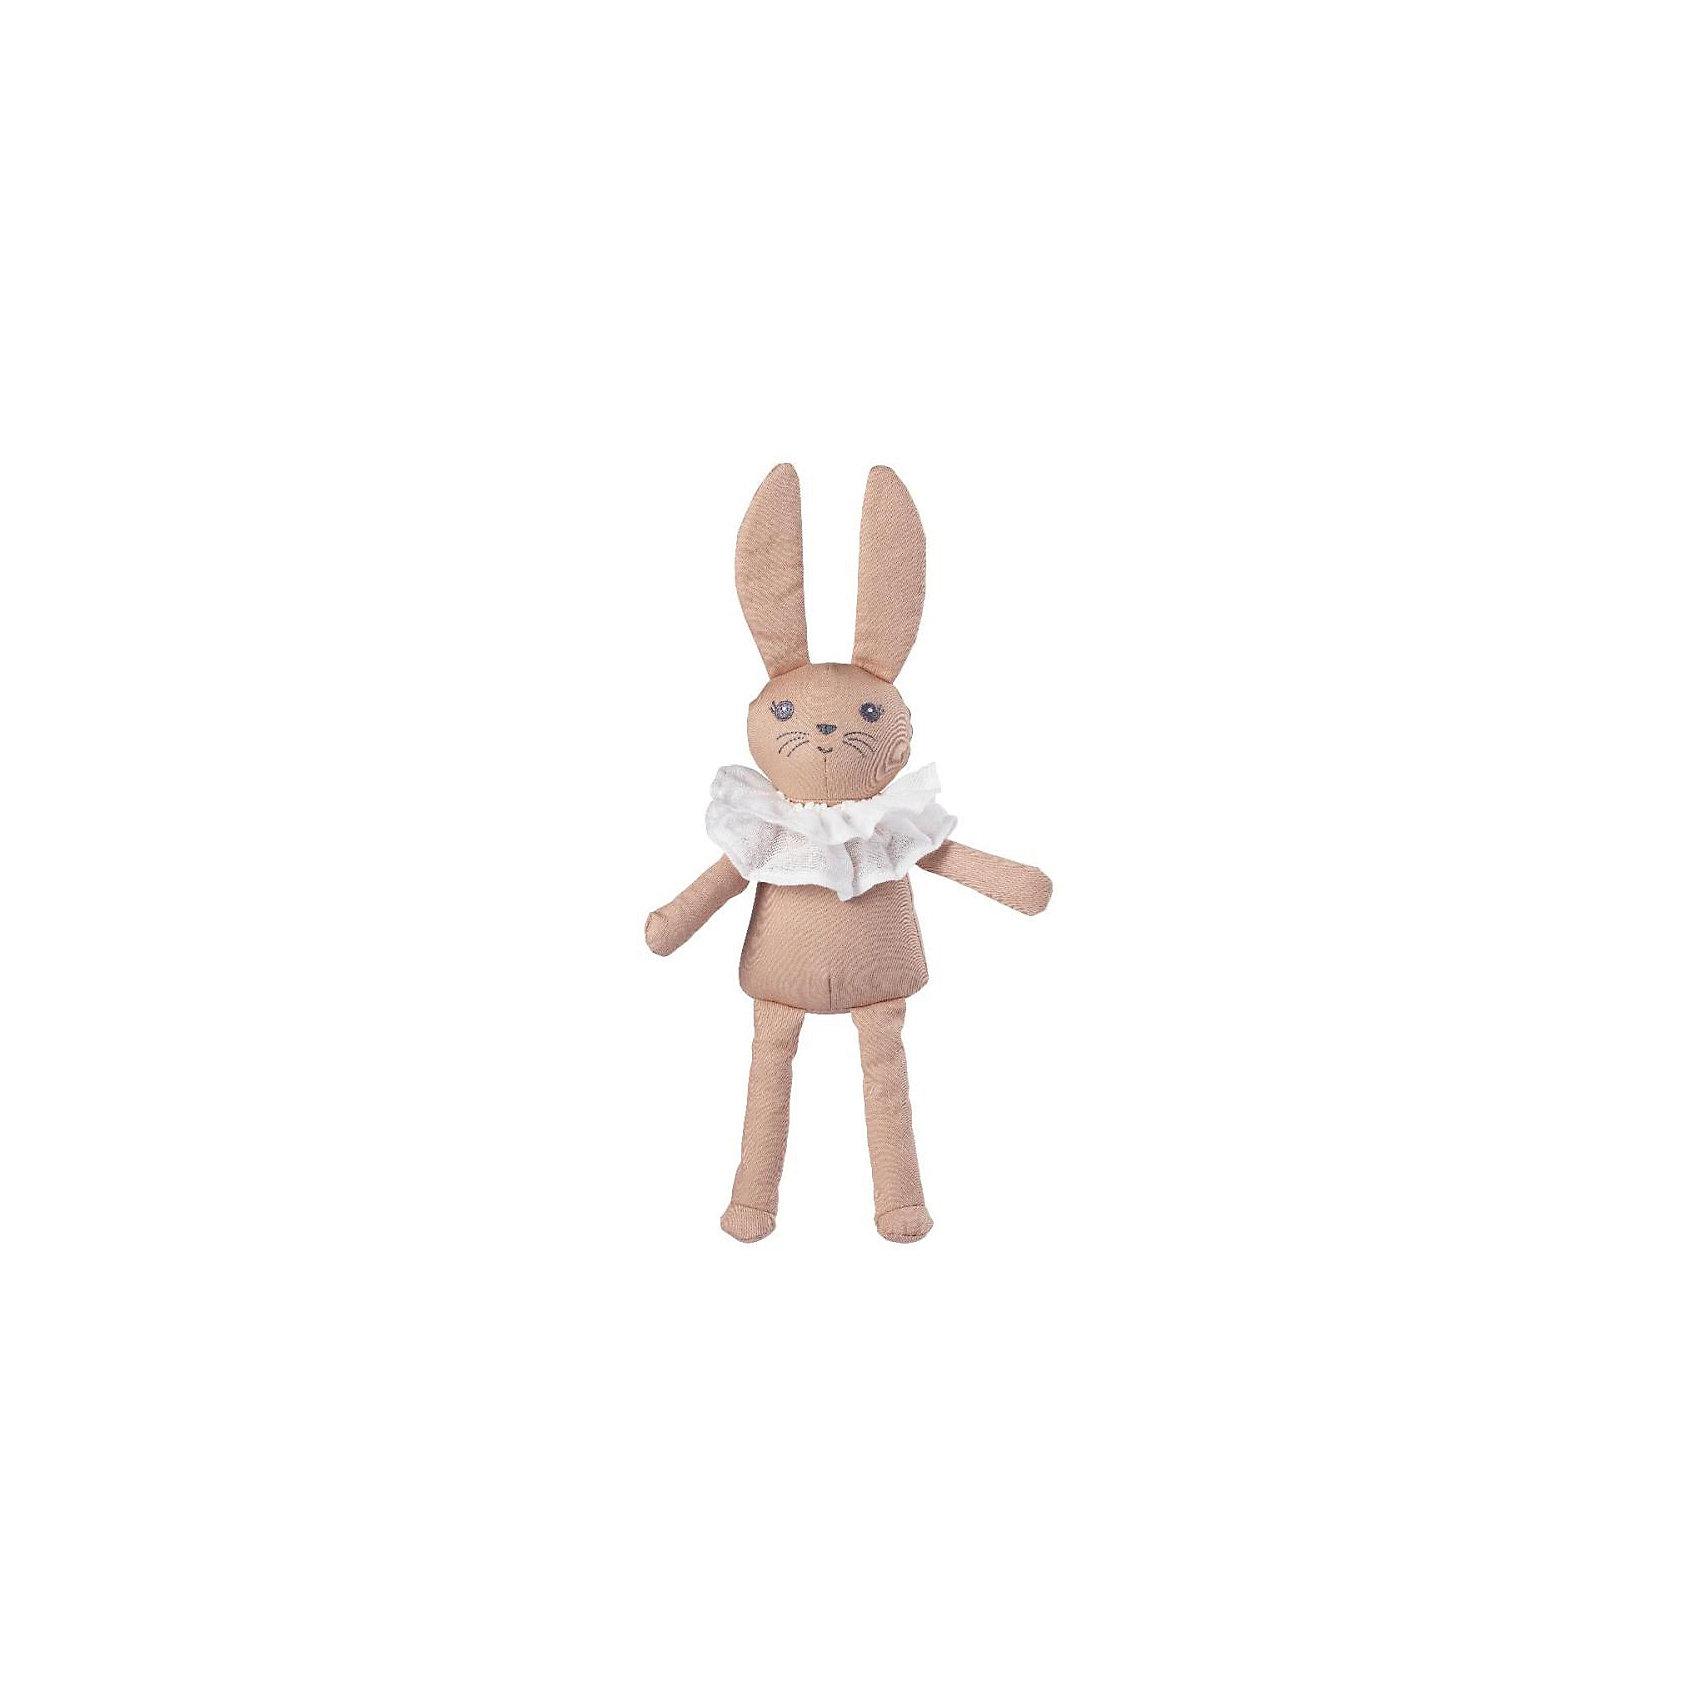 Игрушка Зайчики Lovely Lily, Elodie Details, пудровый розовыйМягкие игрушки<br>Игрушка Elodie Details Lovely Lily  Уникальная троица игрушек-кроликов;от Elodie Details. Каждая из игрушек индивидуальна и имеет своей неповторимый характер и дизайн!;Игрушка непременно;станет любимцем вашего малыша;и его верным спутником в приключениях дома или на природе.  - материал 100% хлопок- длина;41 см;(включая уши)<br><br>Ширина мм: 200<br>Глубина мм: 60<br>Высота мм: 120<br>Вес г: 81<br>Возраст от месяцев: 0<br>Возраст до месяцев: 36<br>Пол: Унисекс<br>Возраст: Детский<br>SKU: 4966118